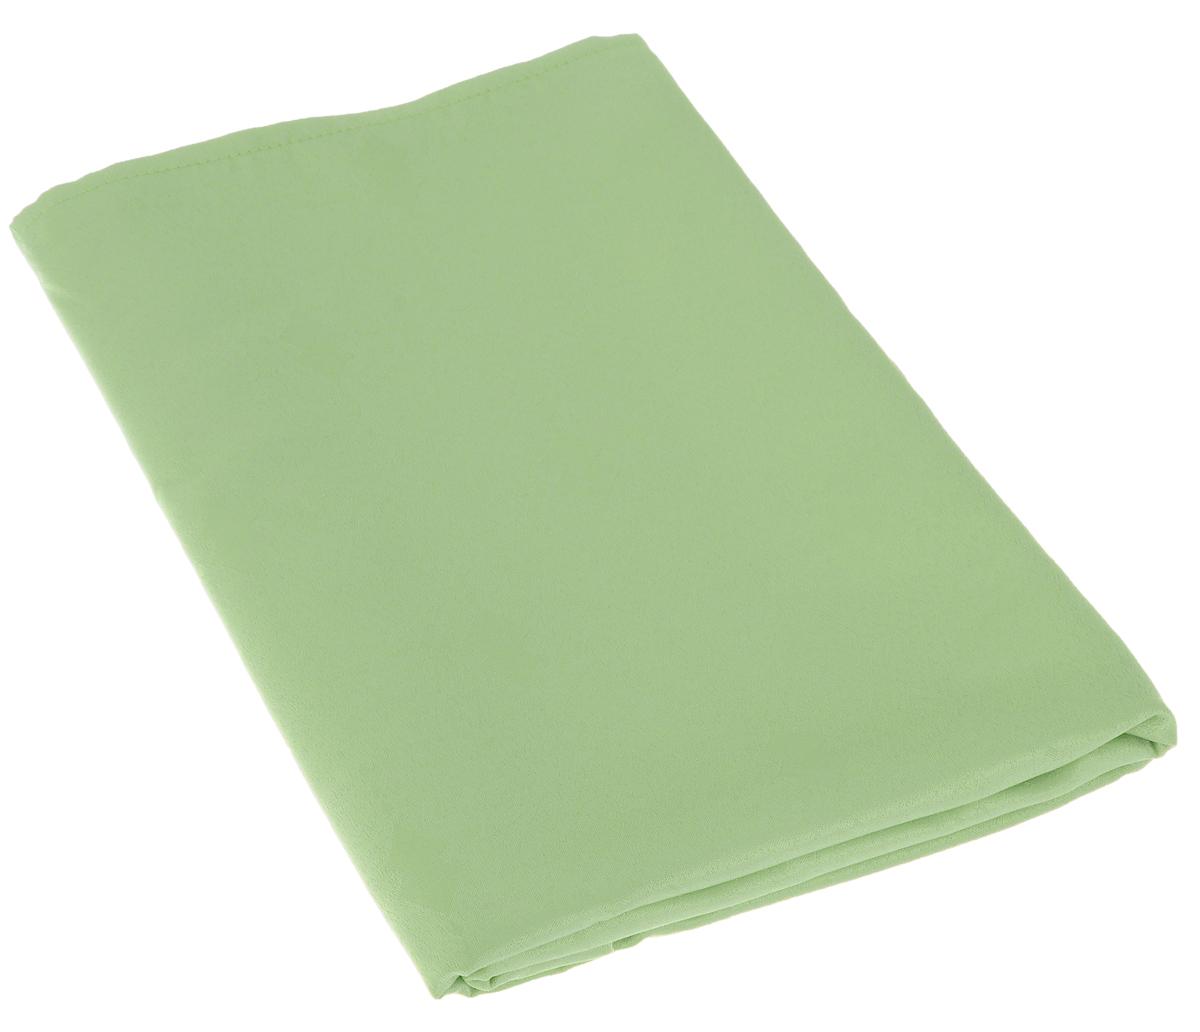 Скатерть Schaefer, прямоугольная, цвет: светло-зеленый, 160 х 220 см. 07509-40807509-408Изящная прямоугольная скатерть Schaefer, выполненная из плотного полиэстера, станет украшением кухонного стола. Изделие декорировано красивым узором в виде ромбов. За текстилем из полиэстера очень легко ухаживать: он не мнется, не садится и быстро сохнет, легко стирается, более долговечен, чем текстиль из натуральных волокон. Использование такой скатерти сделает застолье торжественным, поднимет настроение гостей и приятно удивит их вашим изысканным вкусом. Также вы можете использовать эту скатерть для повседневной трапезы, превратив каждый прием пищи в волшебный праздник и веселье. Это текстильное изделие станет изысканным украшением вашего дома!